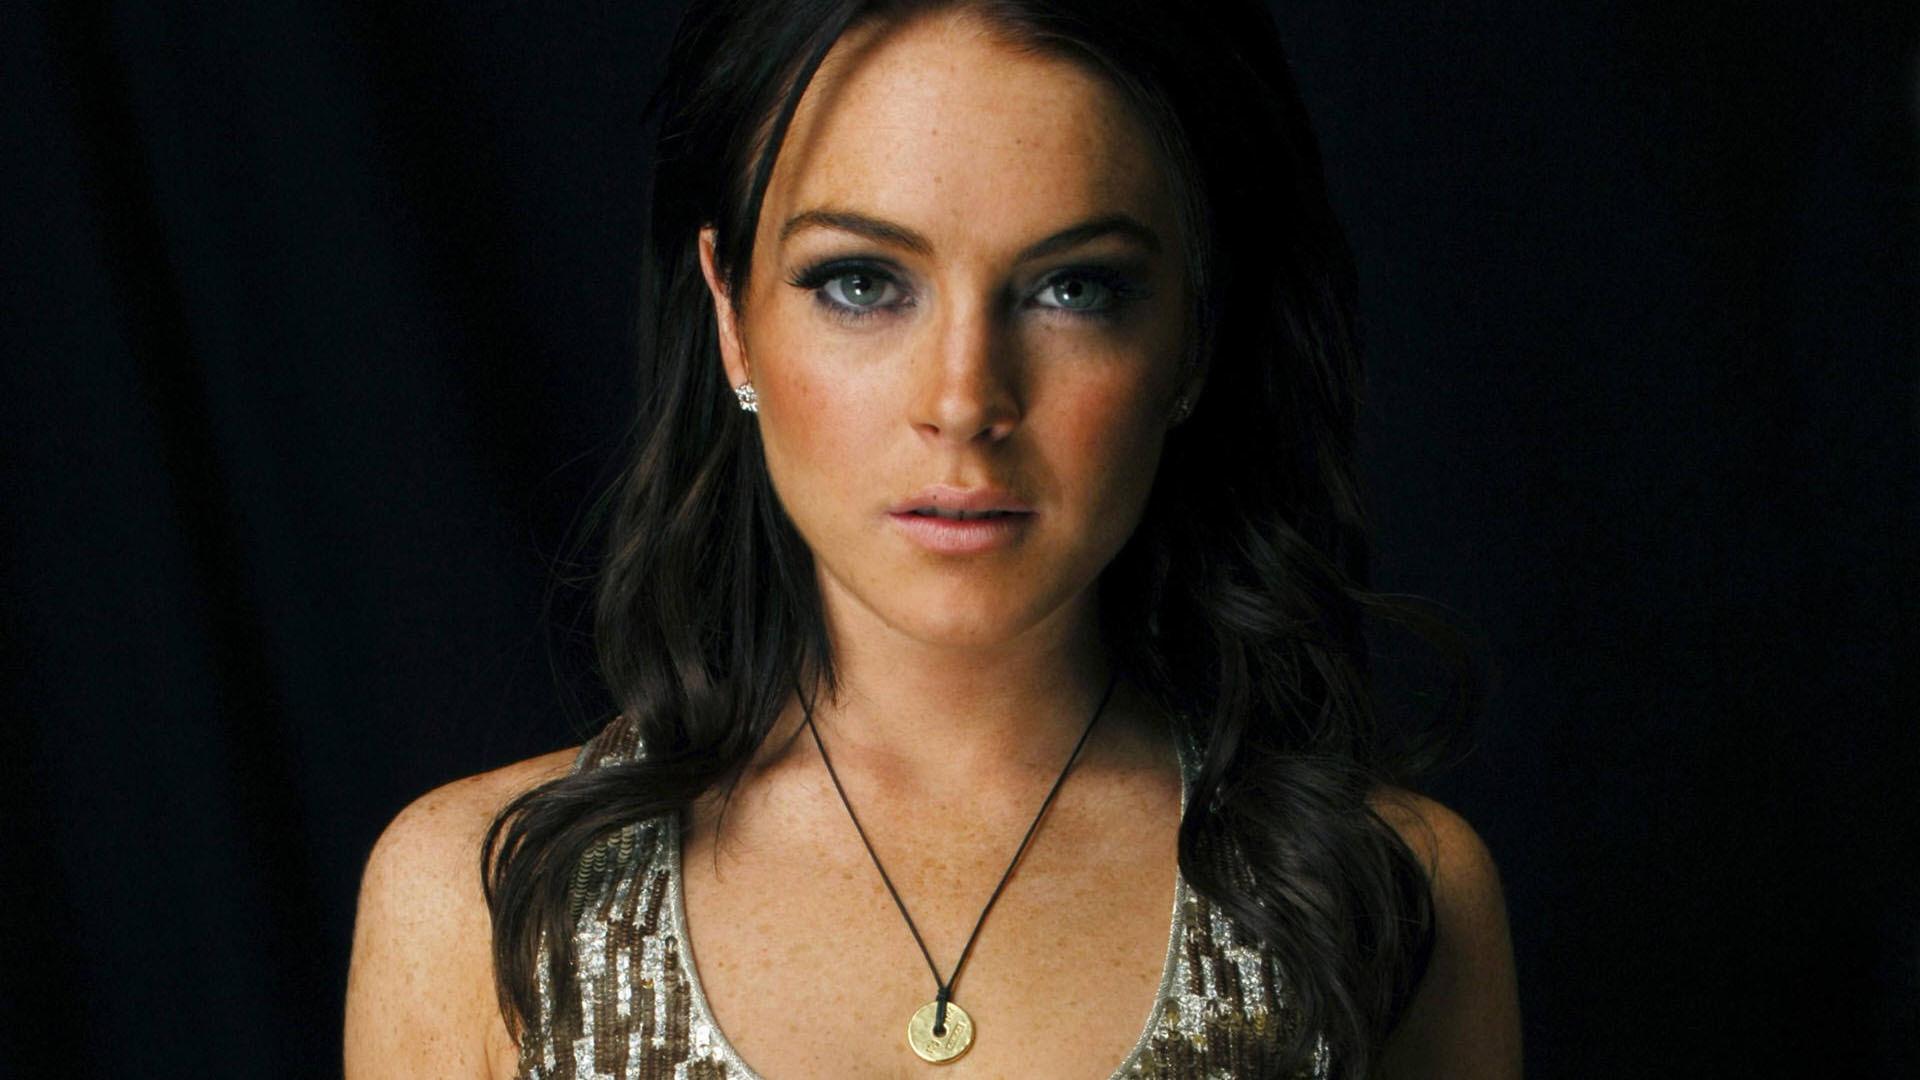 Lindsey Lohan Photos